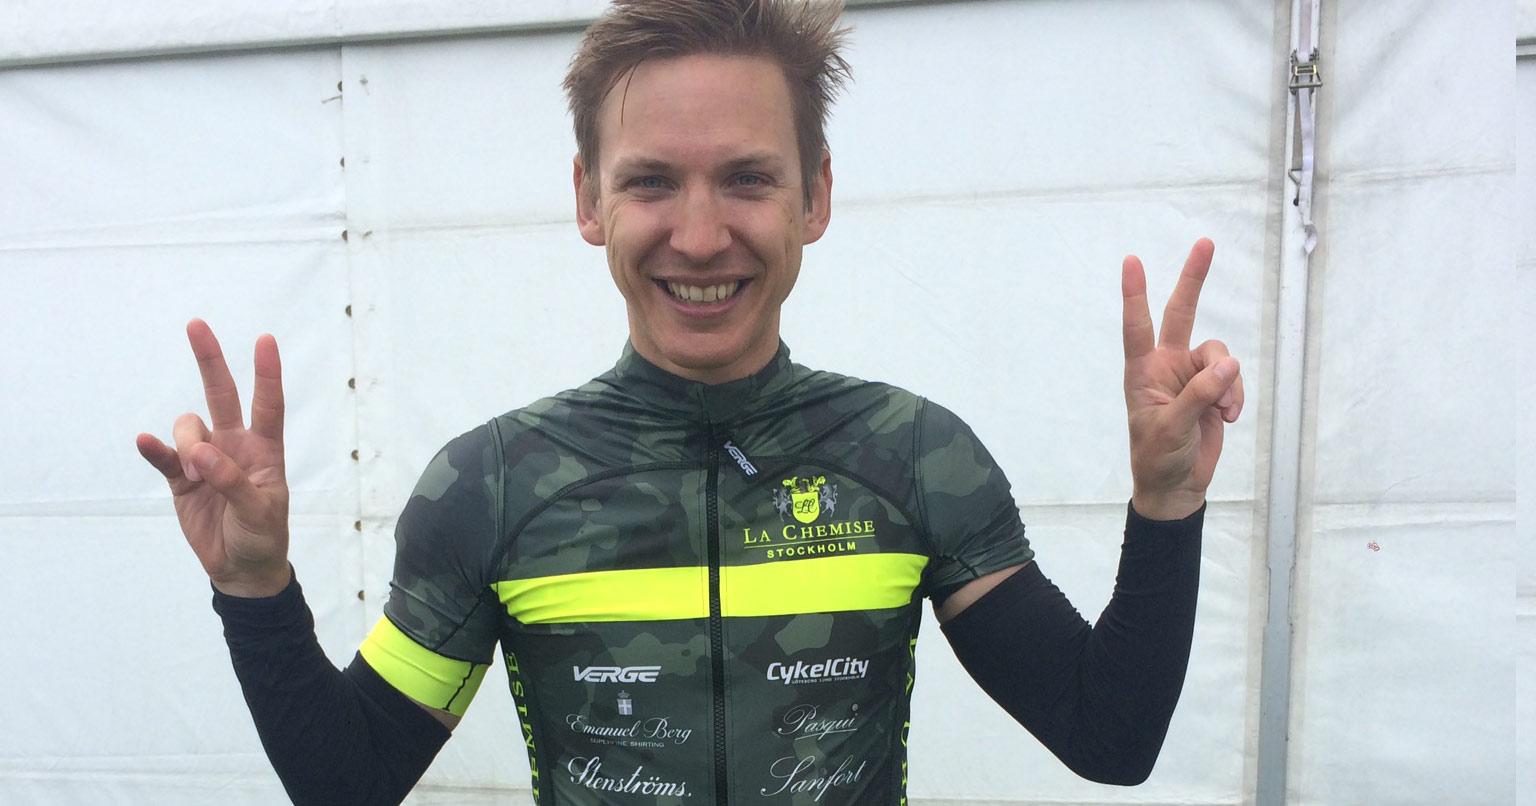 Gustaf Rosin är inte bara vår träningsexpert. Han är också duktig cyklist och inte minst läkare. Klart vi litar på honom!